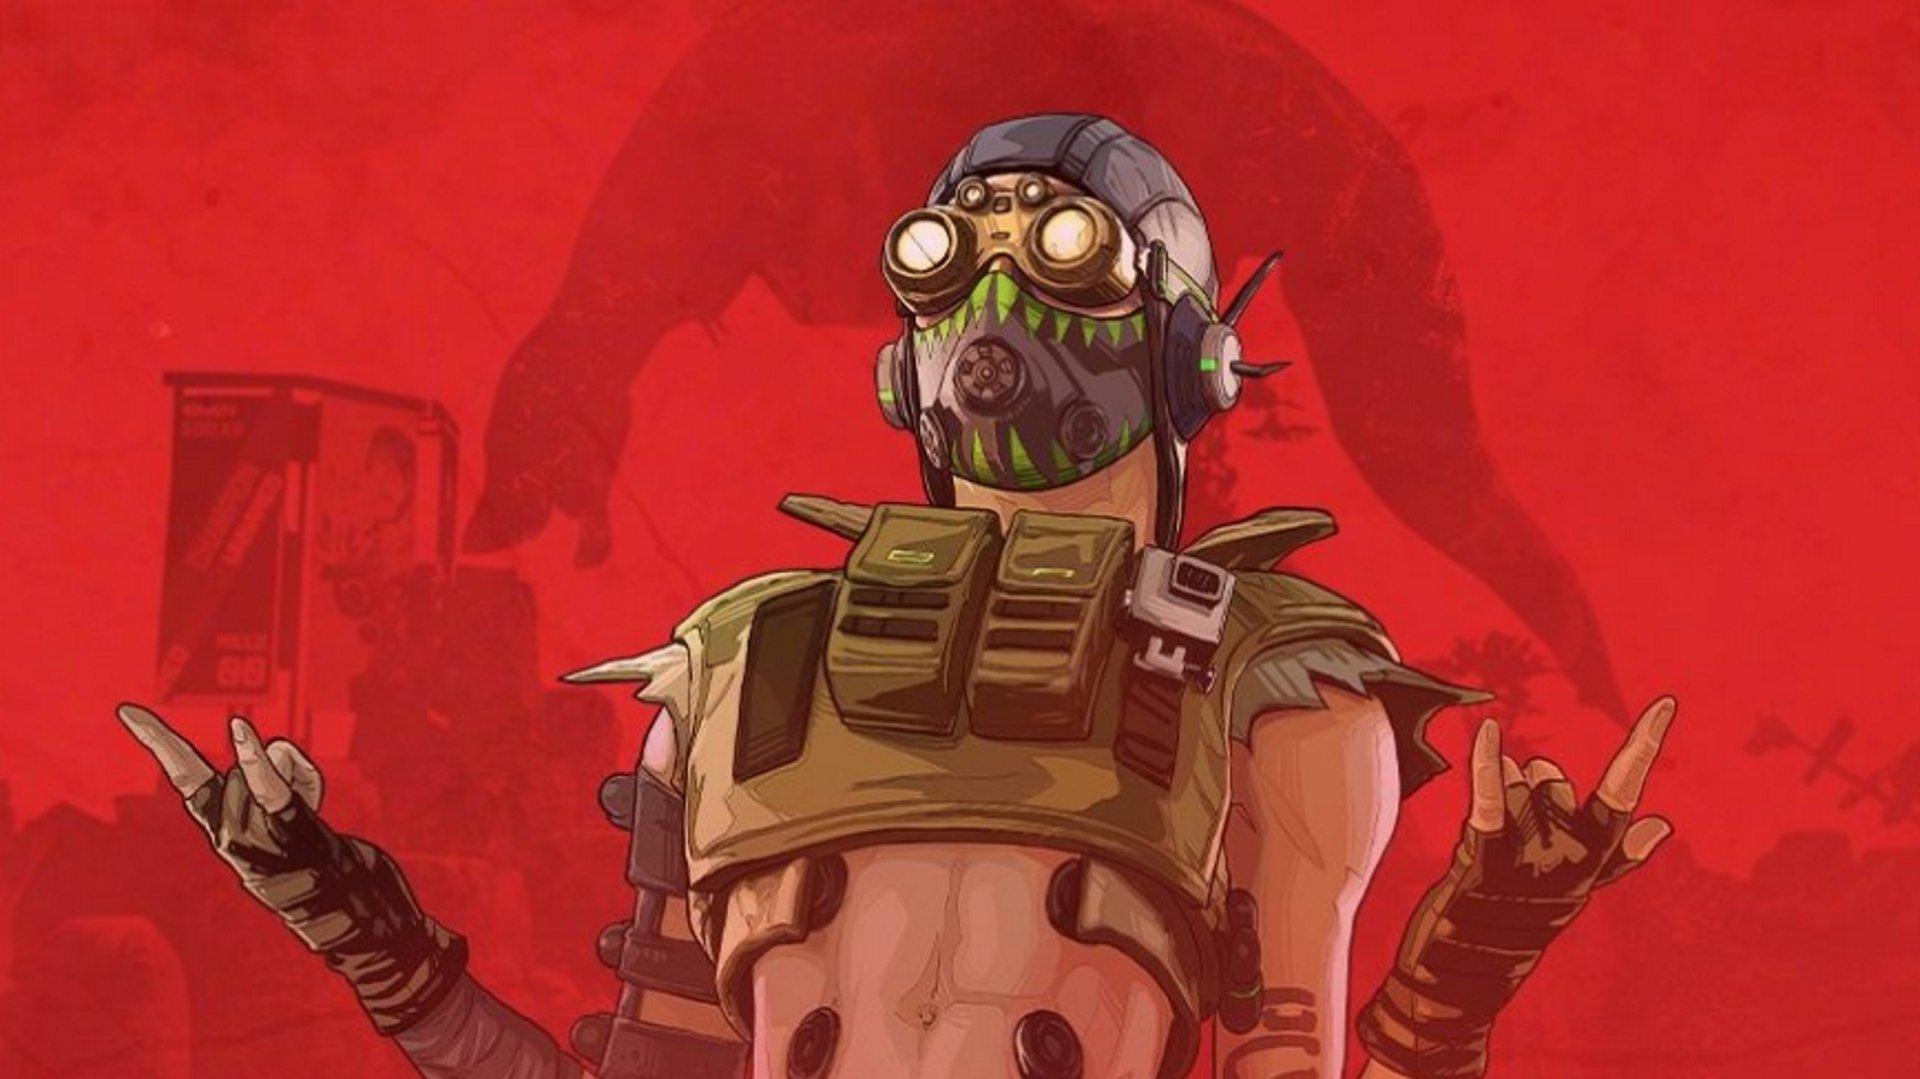 Octane confirmé comme le nouveau personnage d'Apex Legends